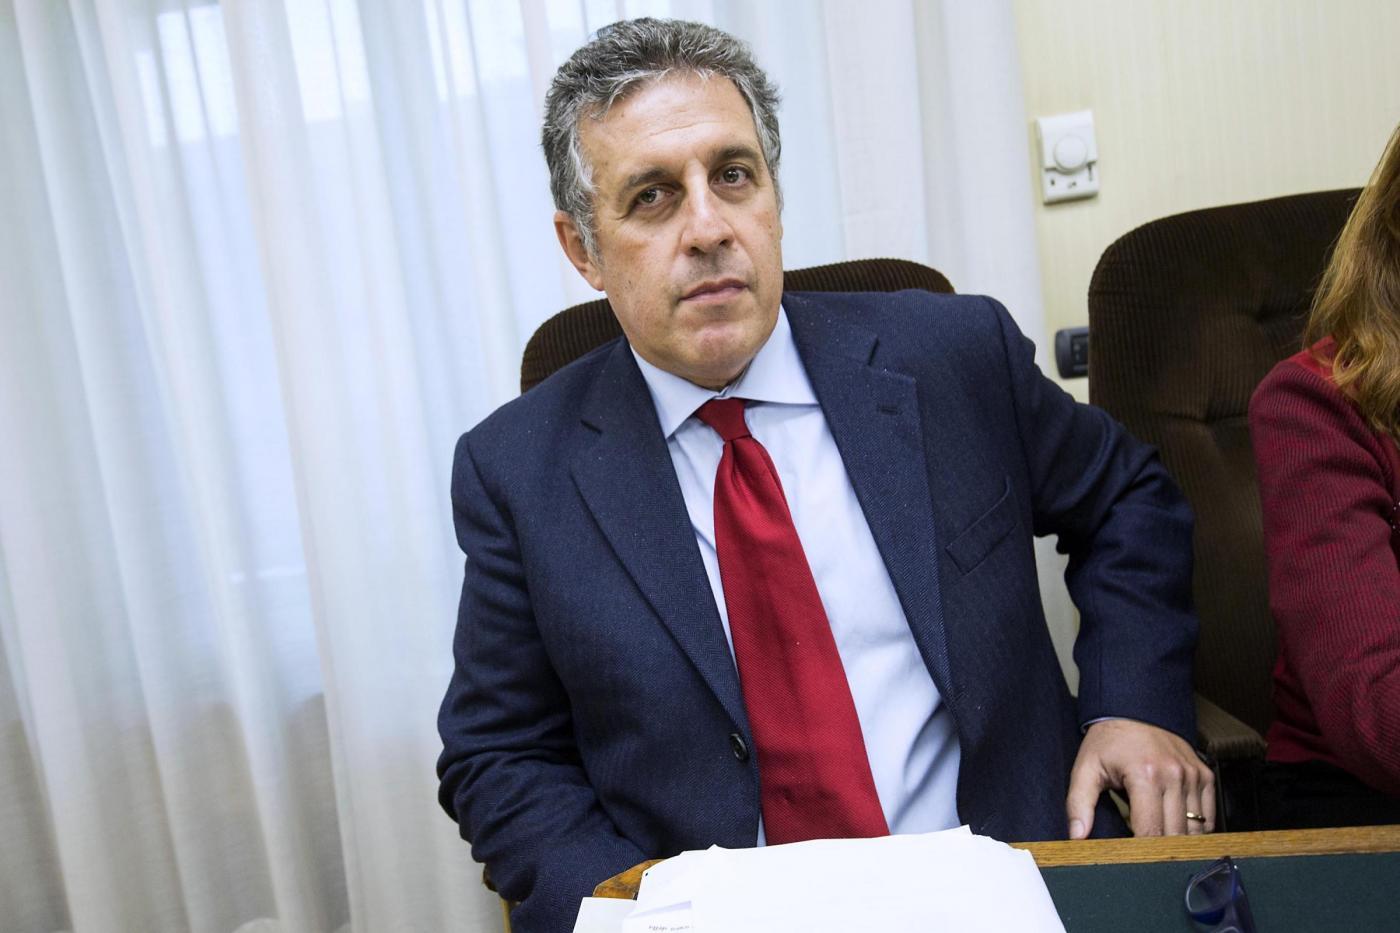 Commissione Antimafia Audizione dei magistrati del tribunale di Palermo